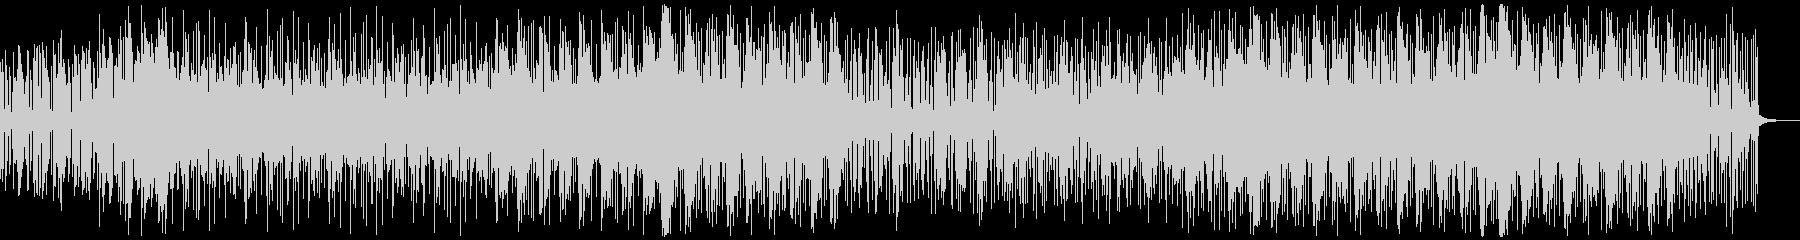 エレキギターが耳に残るディスコサウンドの未再生の波形